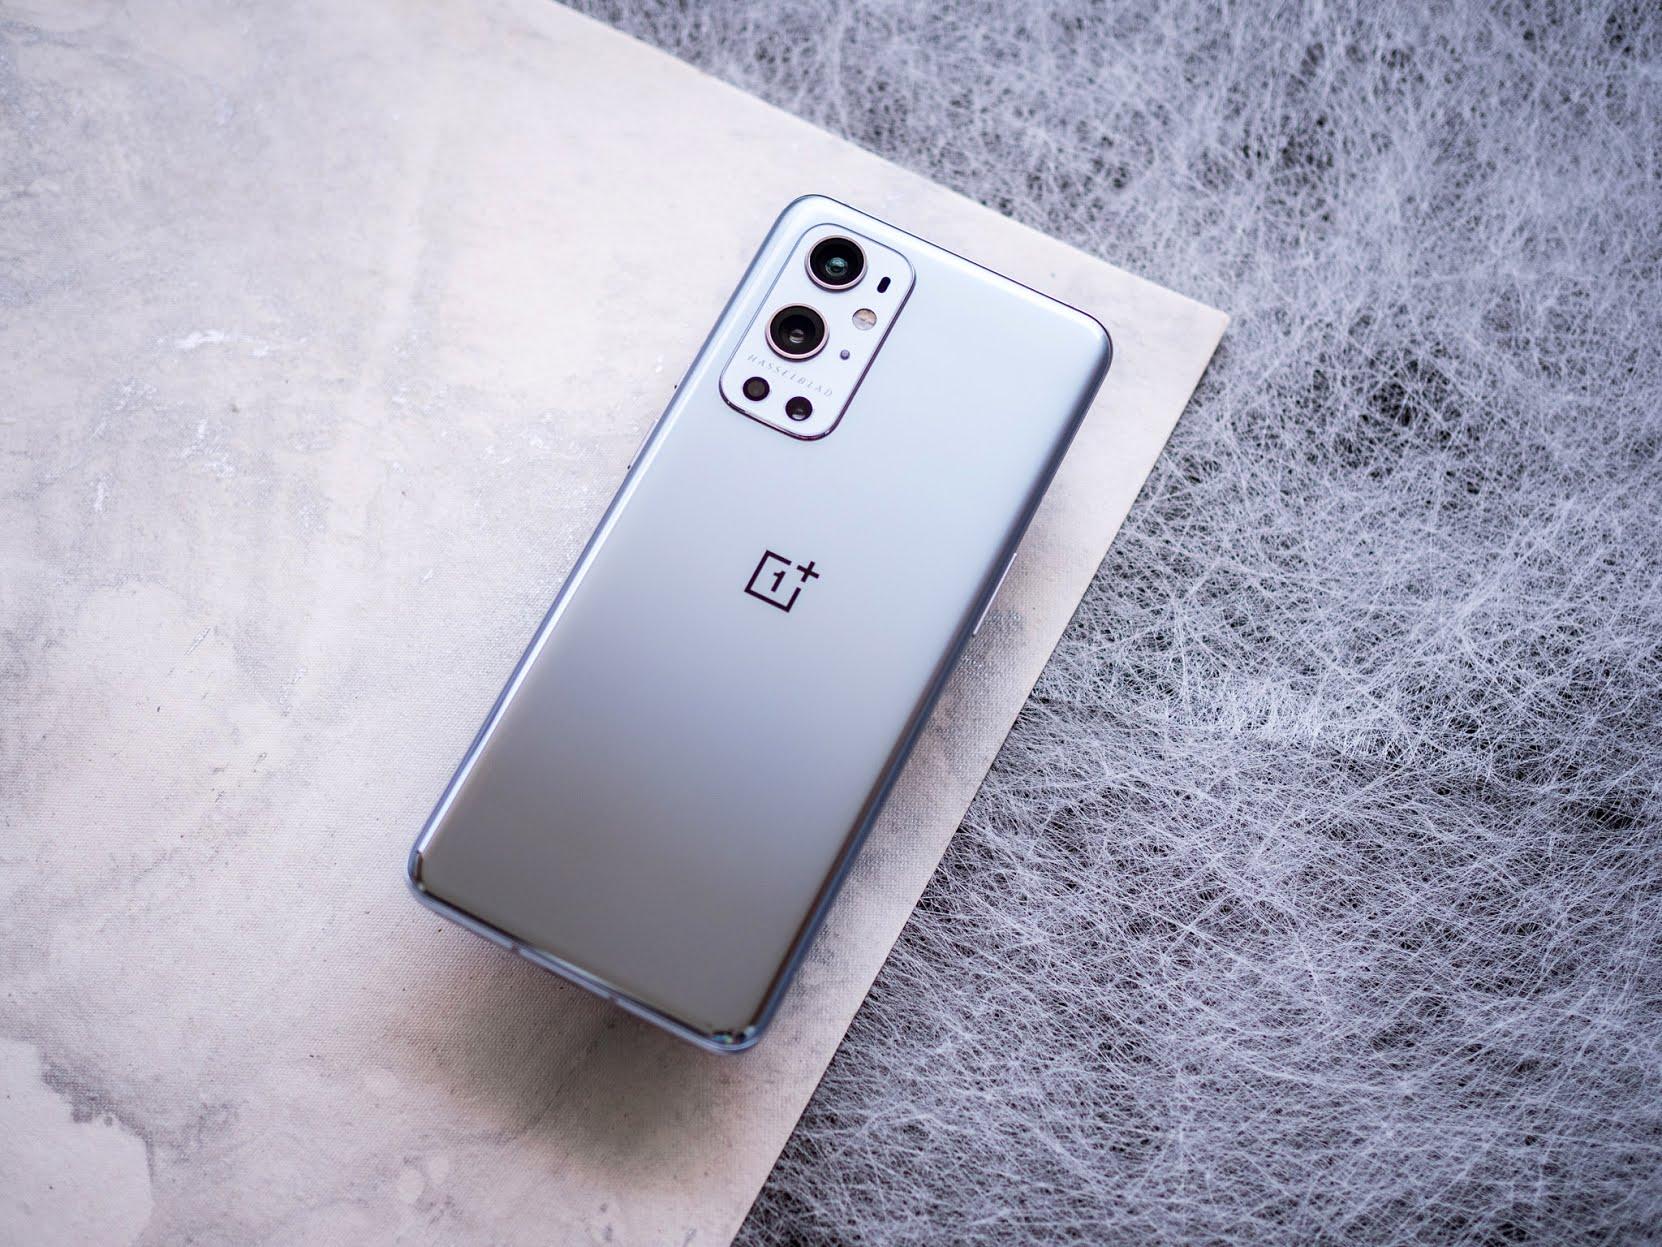 Sforum - Trang thông tin công nghệ mới nhất oneplus-9-pro-18 Cận cảnh OnePlus 9 Pro: Thiết kế vẫn đậm chất OnePlus, camera Hasselblad, hiệu năng top 1 phân khúc, giá 1069 USD